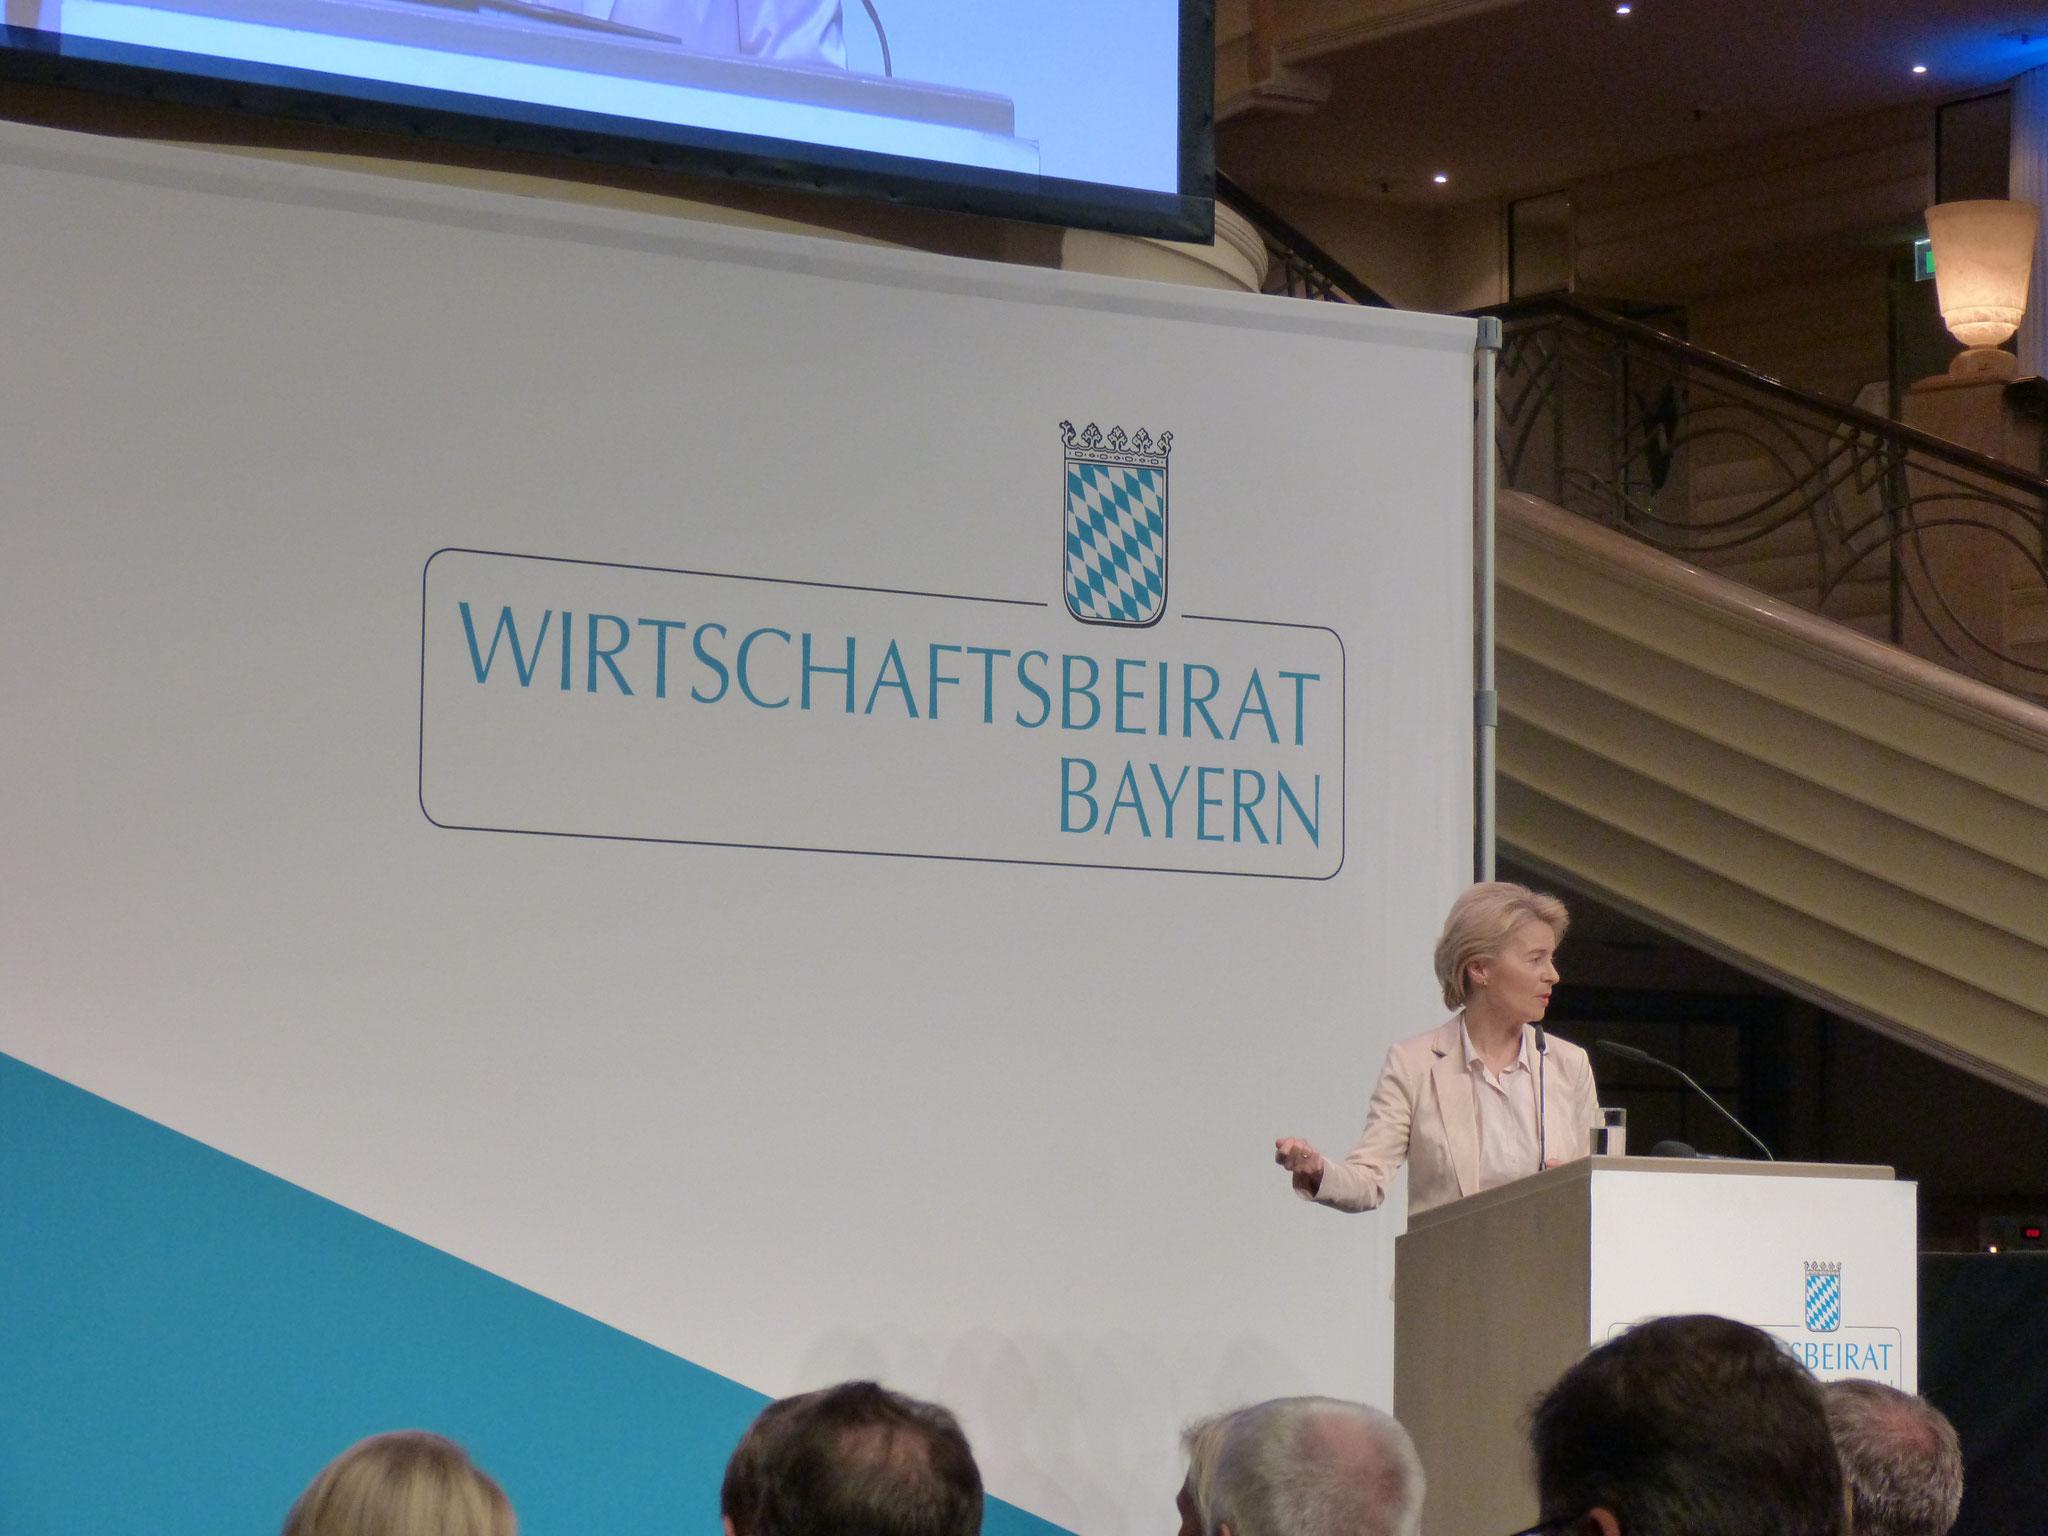 Frau Dr. Ursula von der Leyen begrüßt die Mitglieder des Wirtschaftsbeirates der Union